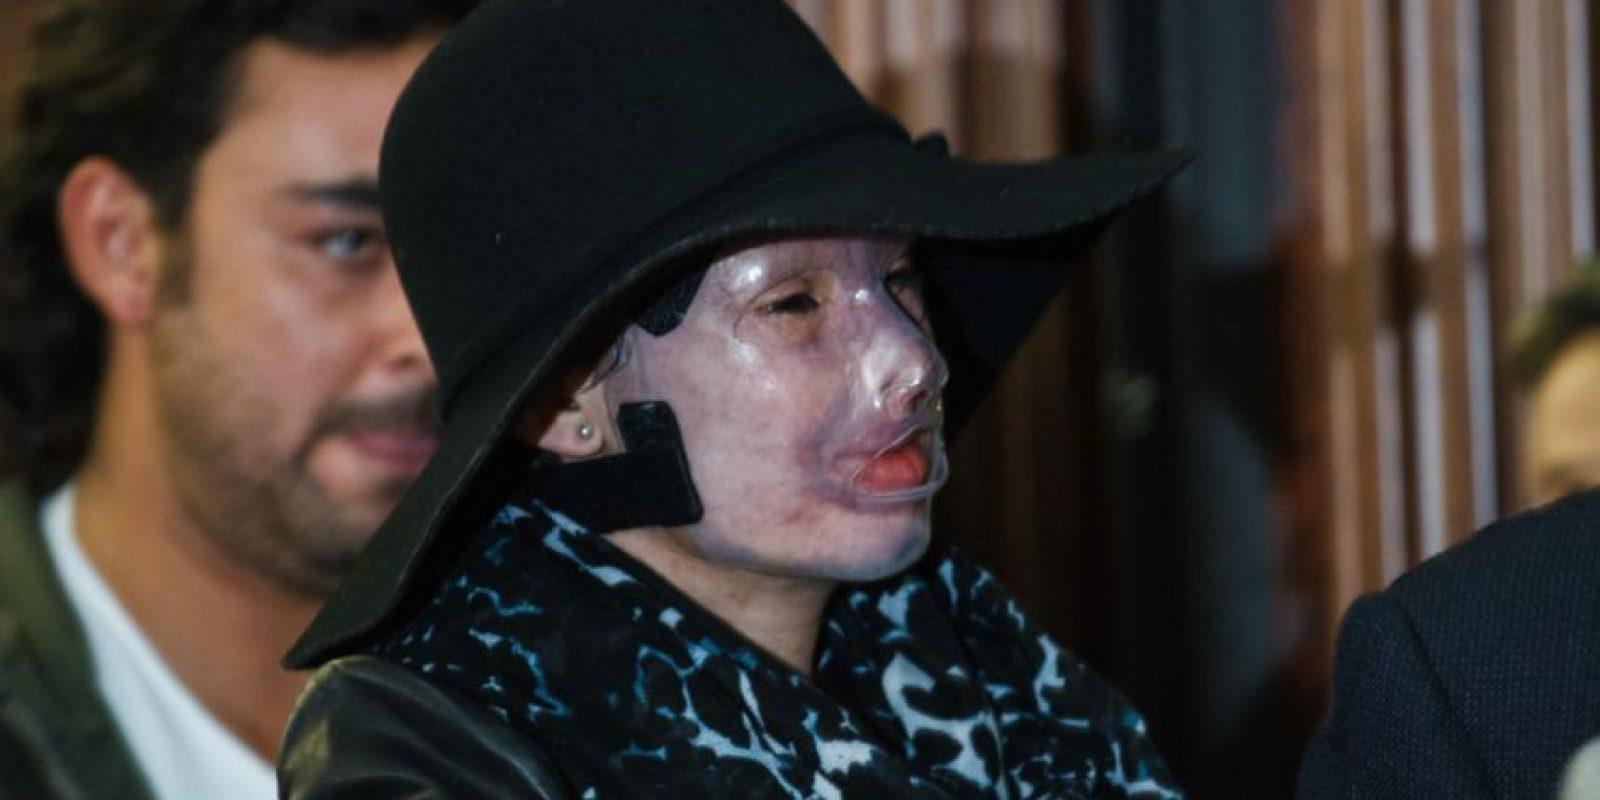 Con la presencia de varias víctimas, entre ellas Natalia Ponce de León, el presidente Juan Manuel Santos sancionó la Ley deácidos. Foto:Publimetro